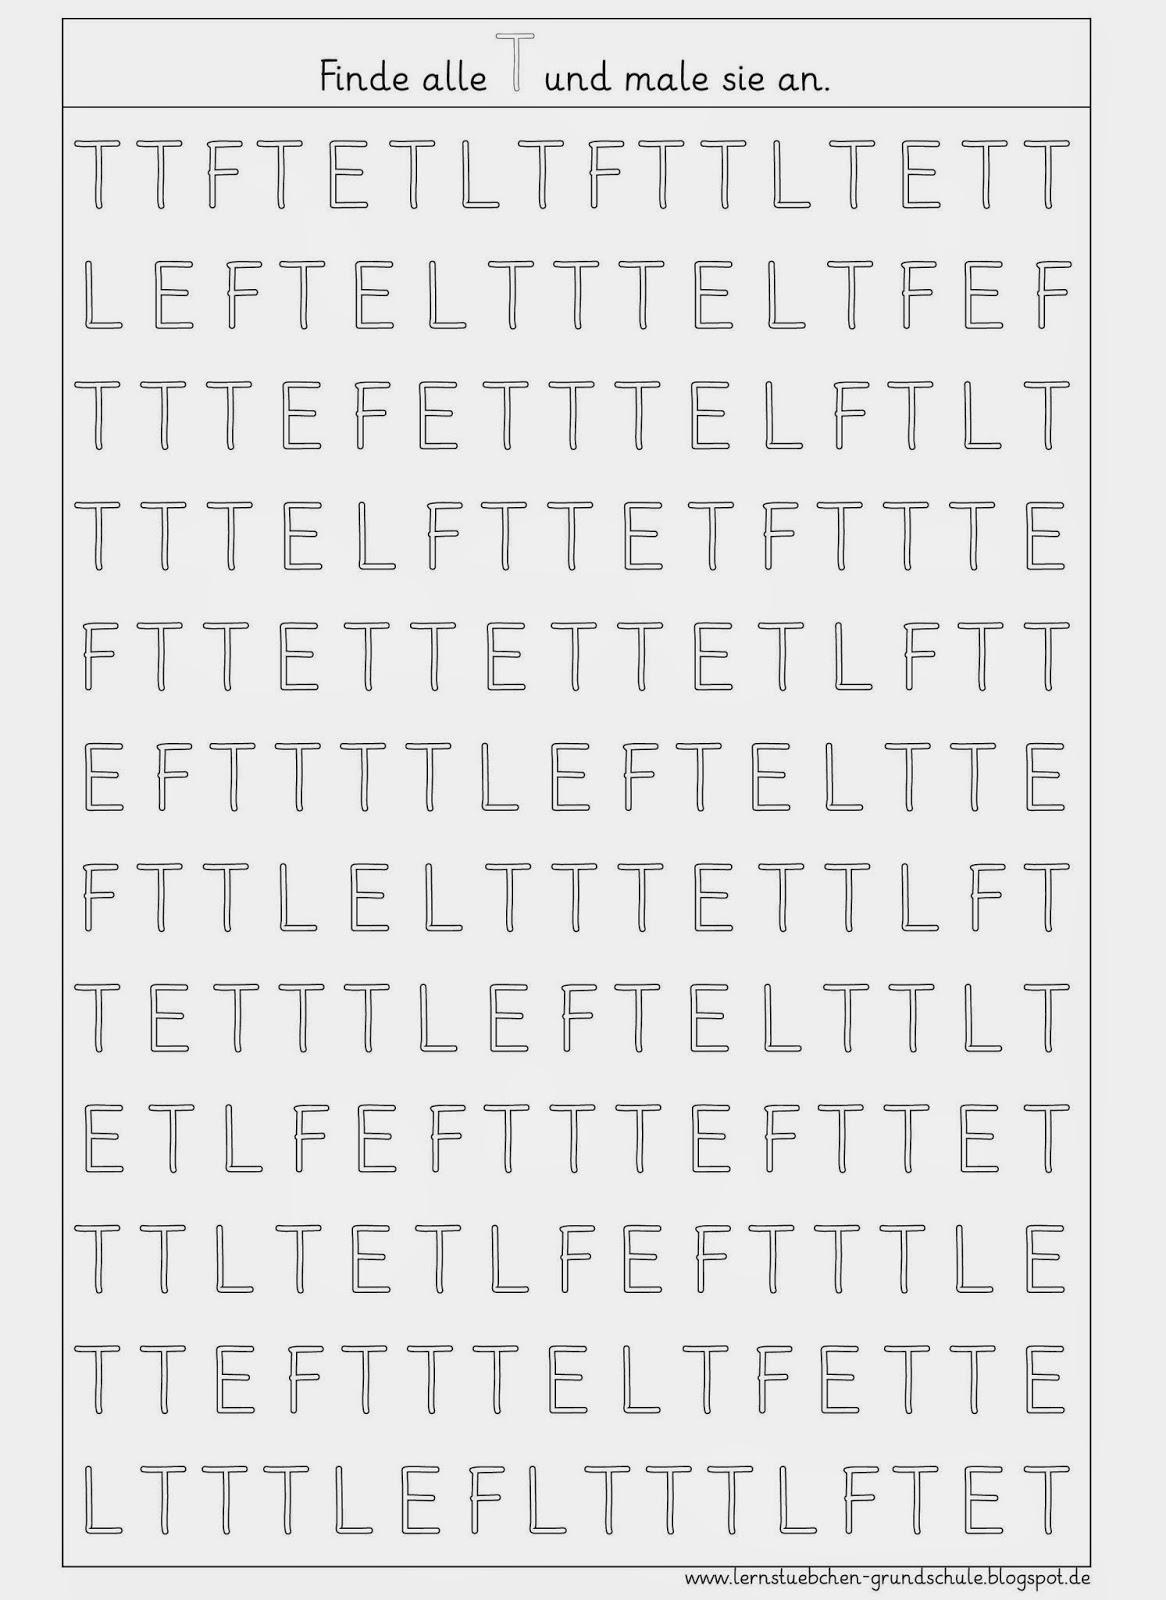 Lernstübchen: Buchstaben erkennen